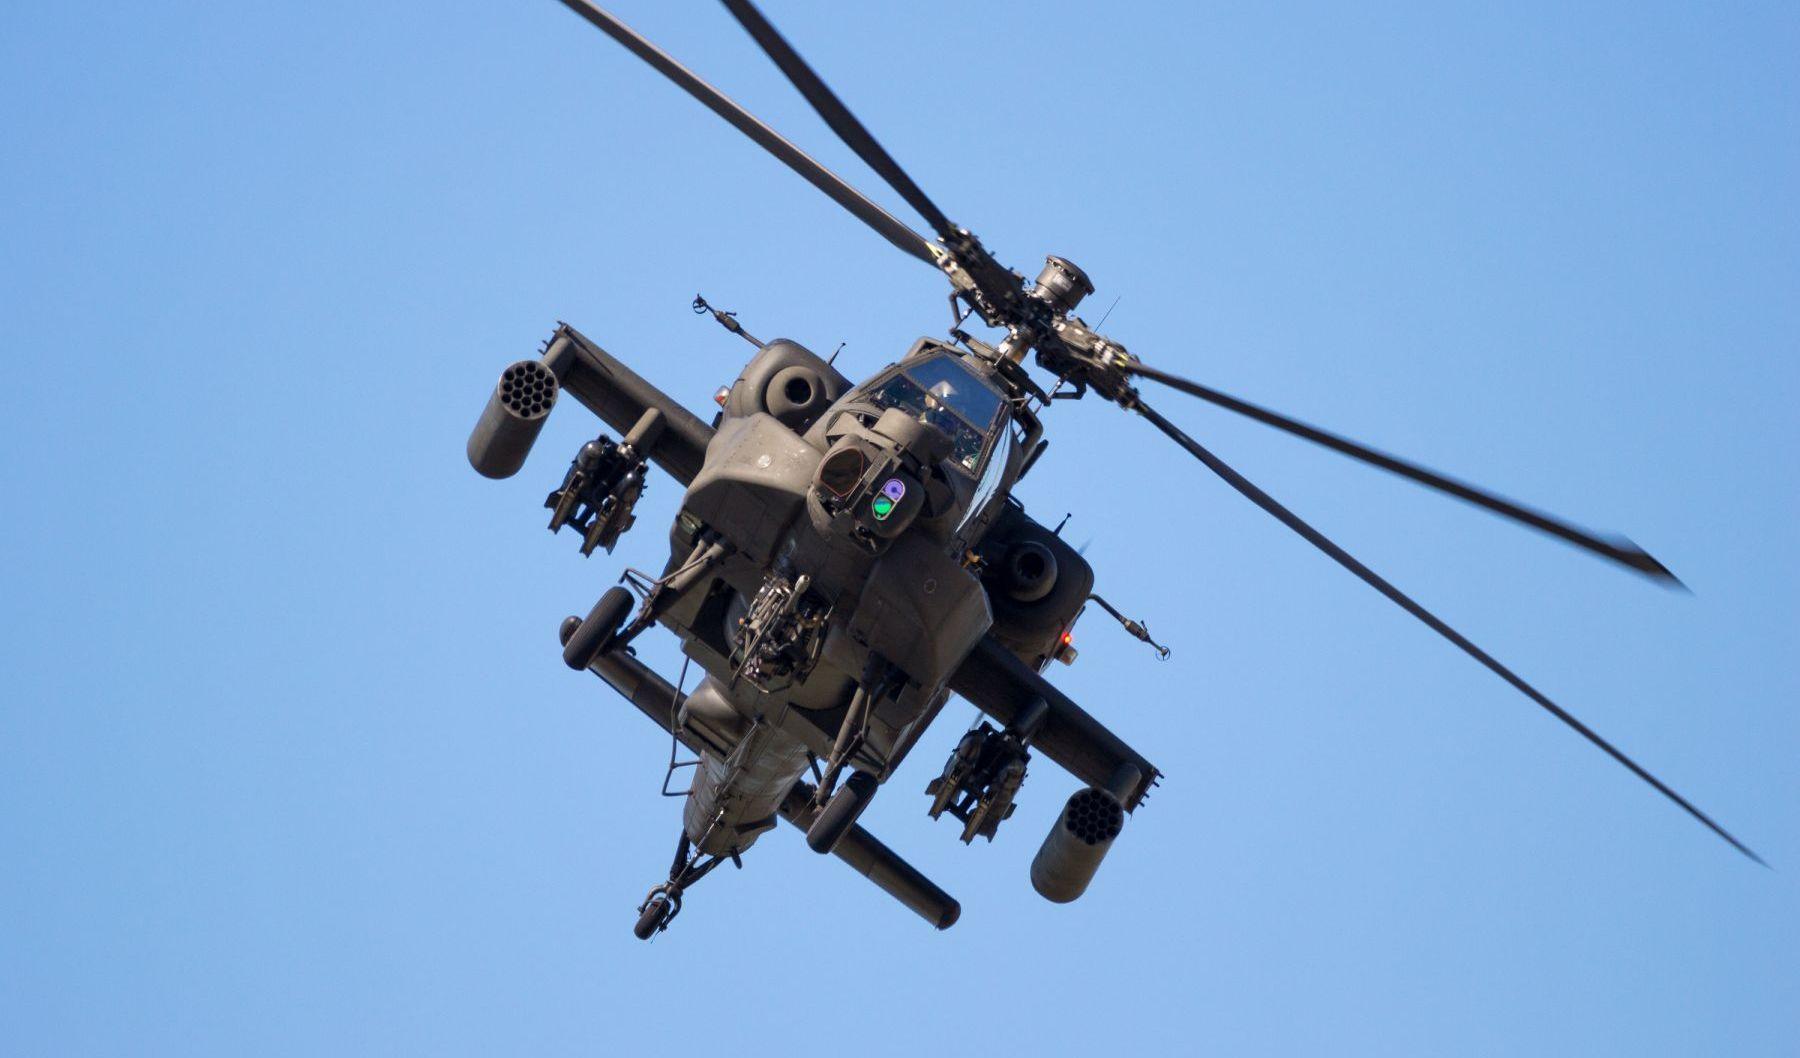 共軍直升機能在1小時內攻台?美軍:台灣比阿富汗戰區危險